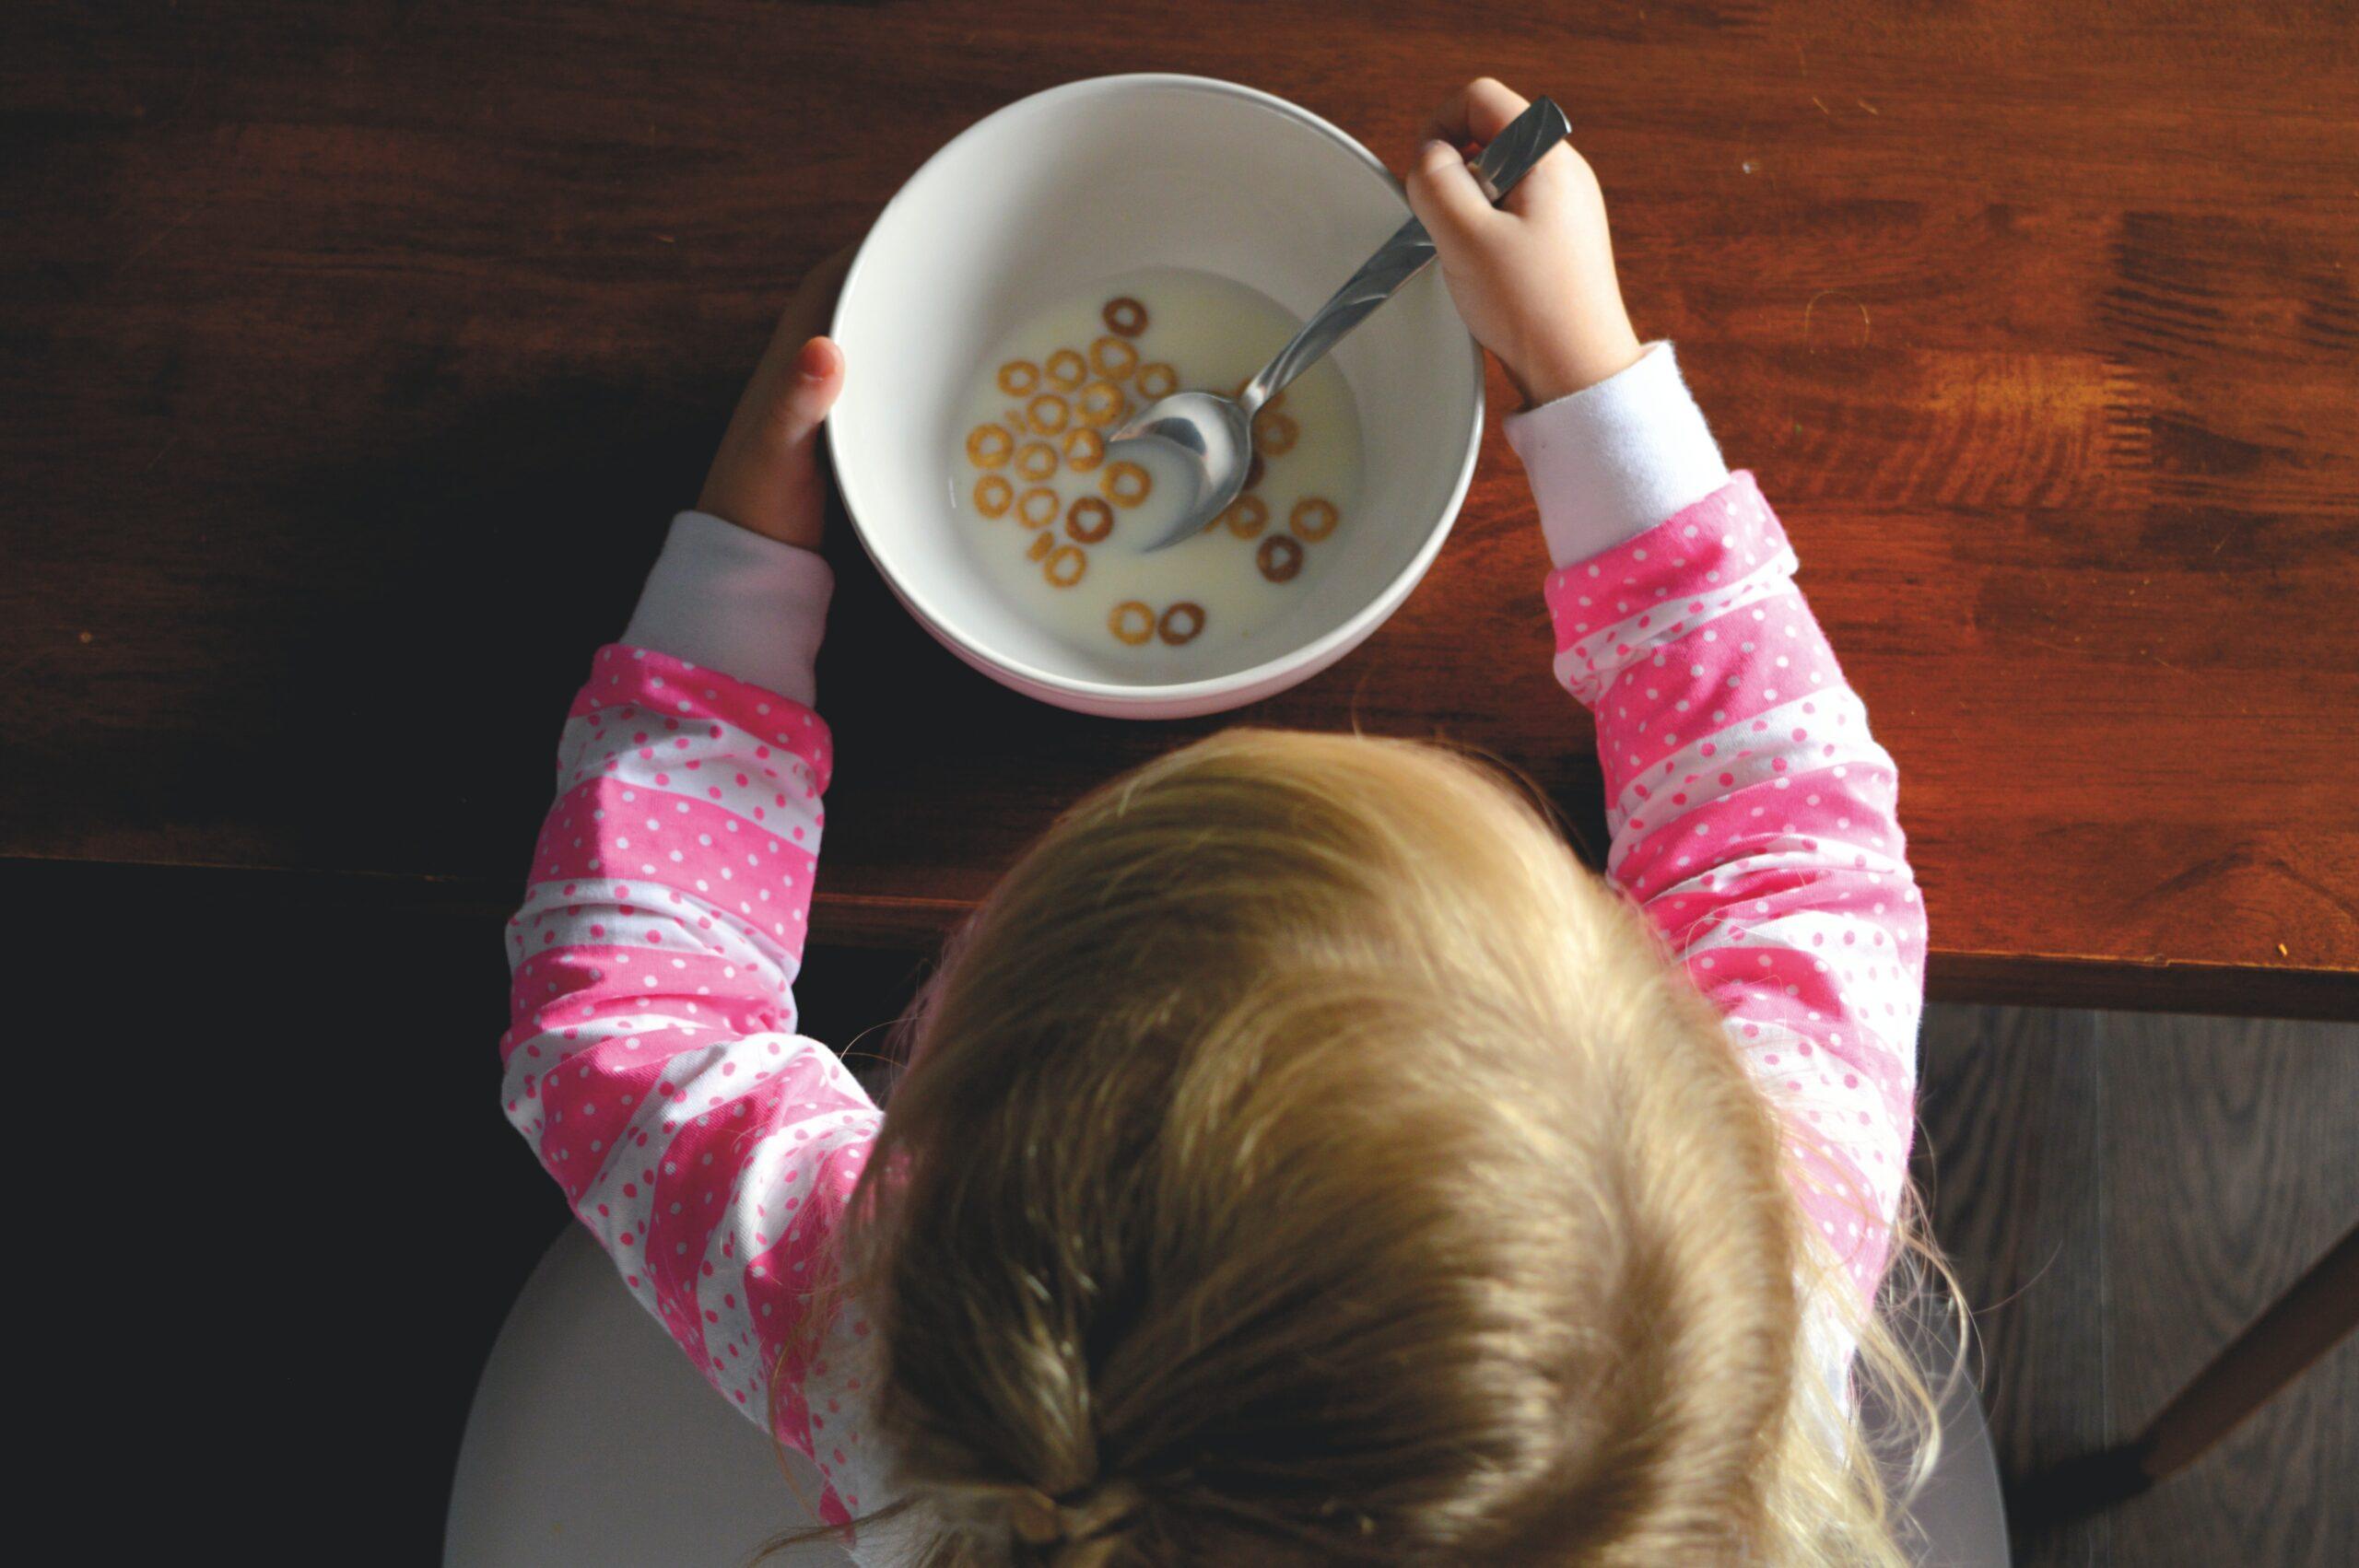 「食力」美國嬰兒食品也有重金屬危機?95%驗出鉛、砷、汞含量高於建議標準